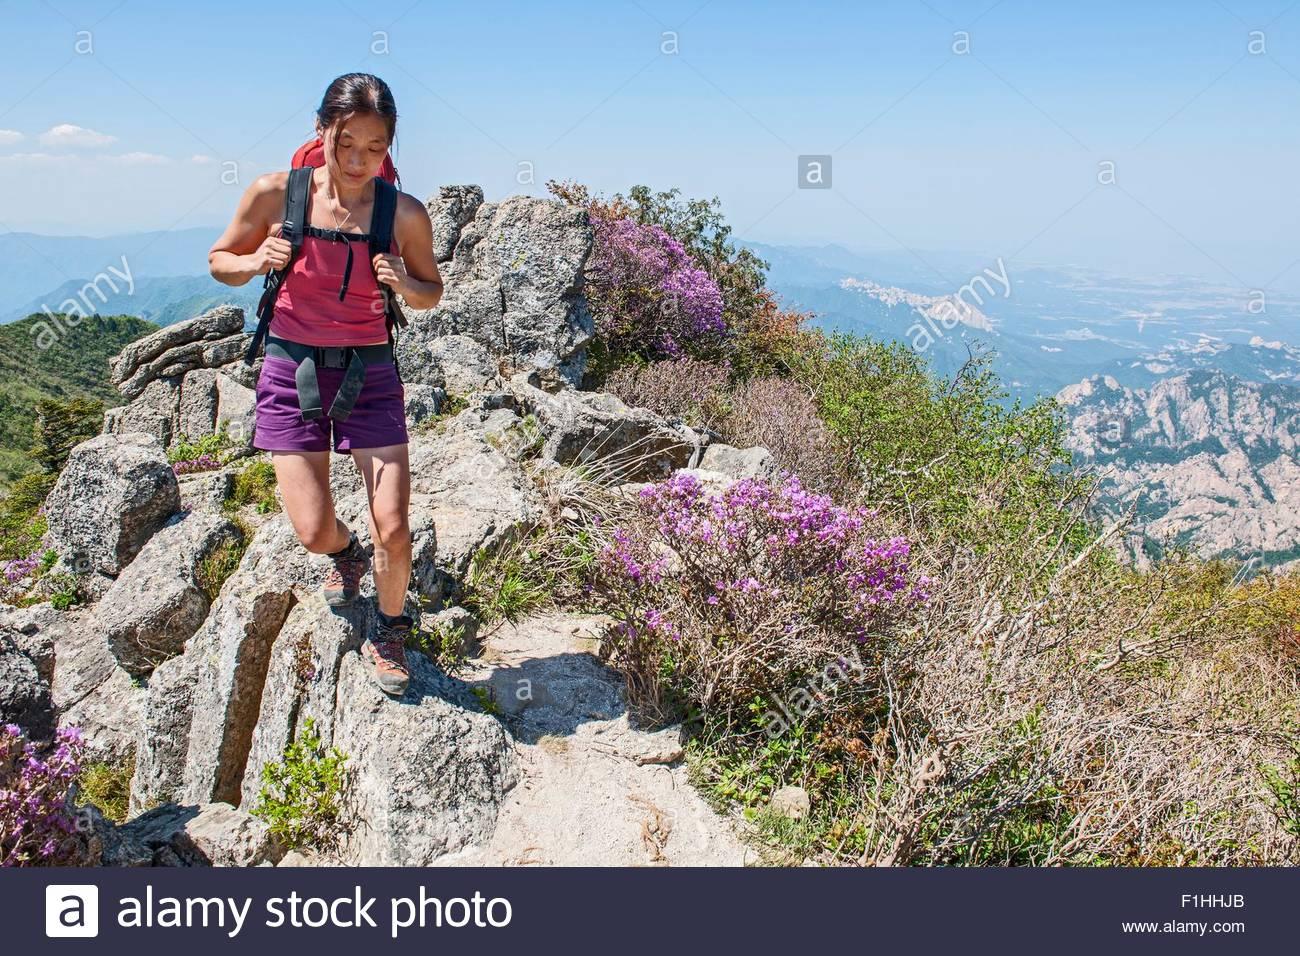 Excursionista hembra caminando Ridge en camino a pico Daecheongbong, Parque Nacional de Seoraksan en Corea del Sur Imagen De Stock